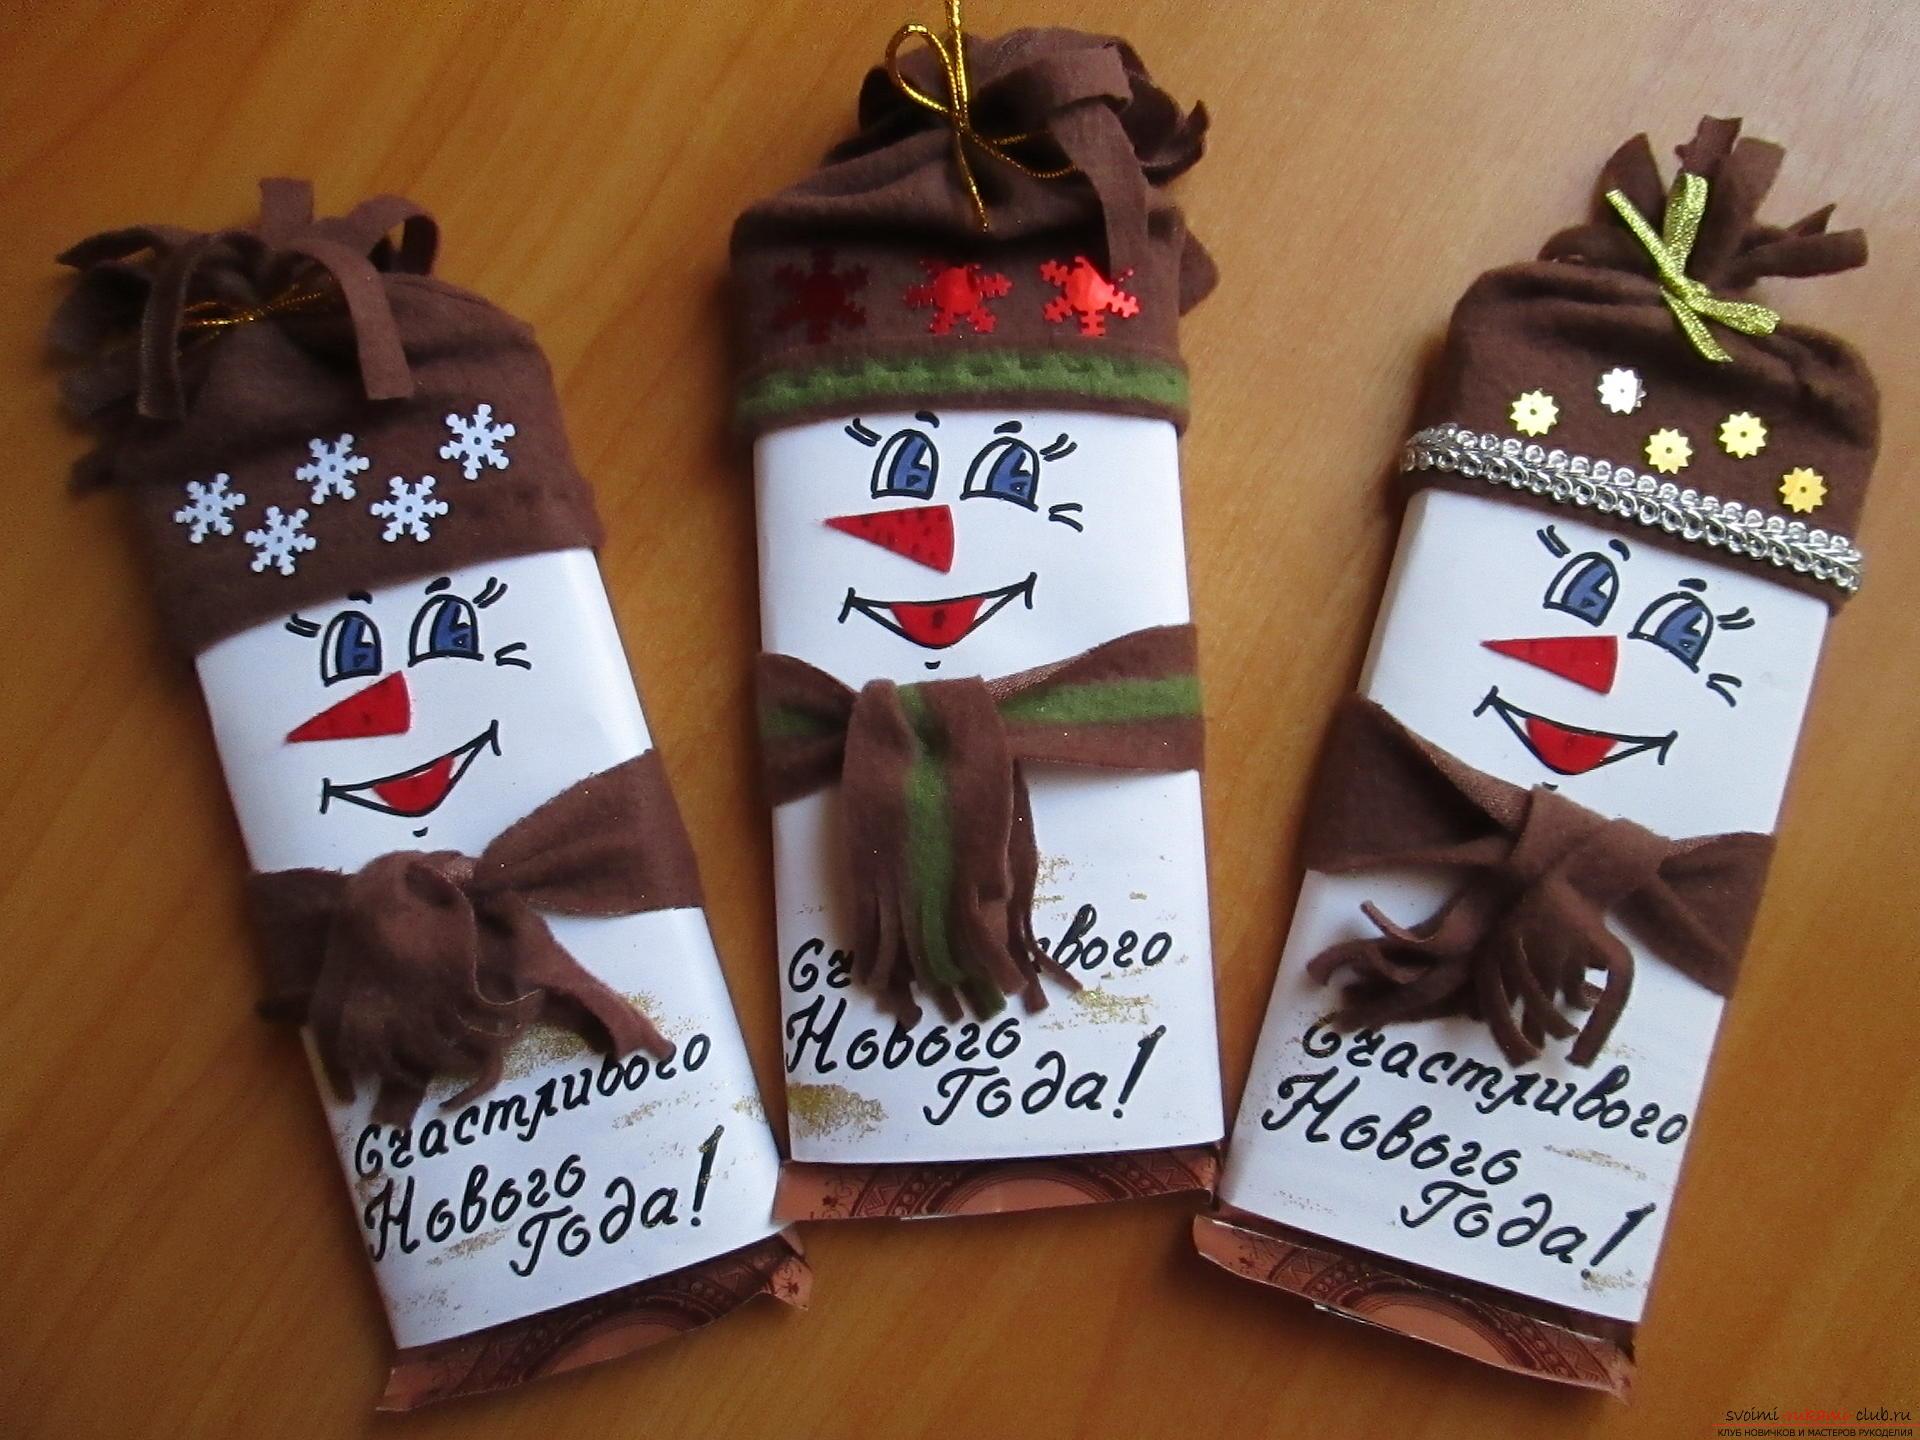 Какой же праздник без подарков?</p> </div> <p> Но особеено приятно получать шоколадки в яркой упаковки.. Фото №1″/> </p> <p>Для создания сладкого подарка нам потребуется:</p> <p>-любой шоколад по Вашему вкусу</p> <p>-клей или двусторонний скотч</p> <p>-фетр, красного цвета</p> <p>-снежинки, бусинки, тесьма и Ваше воображение.</p> <p>У меня нет принтера, поэтому лицо снеговичку я нарисовала сама, а точнее глазки и ротик, носик и язычок, я вырезала из фетра и приклеила к заготовке.</p> <p> Теперь наш шаблон вырезаем по размерам шоколадки, оборачиваем им шоколад и края склеиваем так, чтобы шаблон свободно одевался на плитку.</p> <p>Теперь из флиса вырезаем кусок для шапочки и полоску для шарфика.Шьем шапочку, концы шапочки и шарфика я просто порезала на тонкие полоски.Верх шапочки я затянула шнуром.</p> <p> Все, теперь одеваем снеговичка.</p> <p> И украшаем его на Ваше усмотрение, я надпись посыпала блестками, а шапочку украсила тесьмой, снежинками и звездочками.</p> <p><div style=